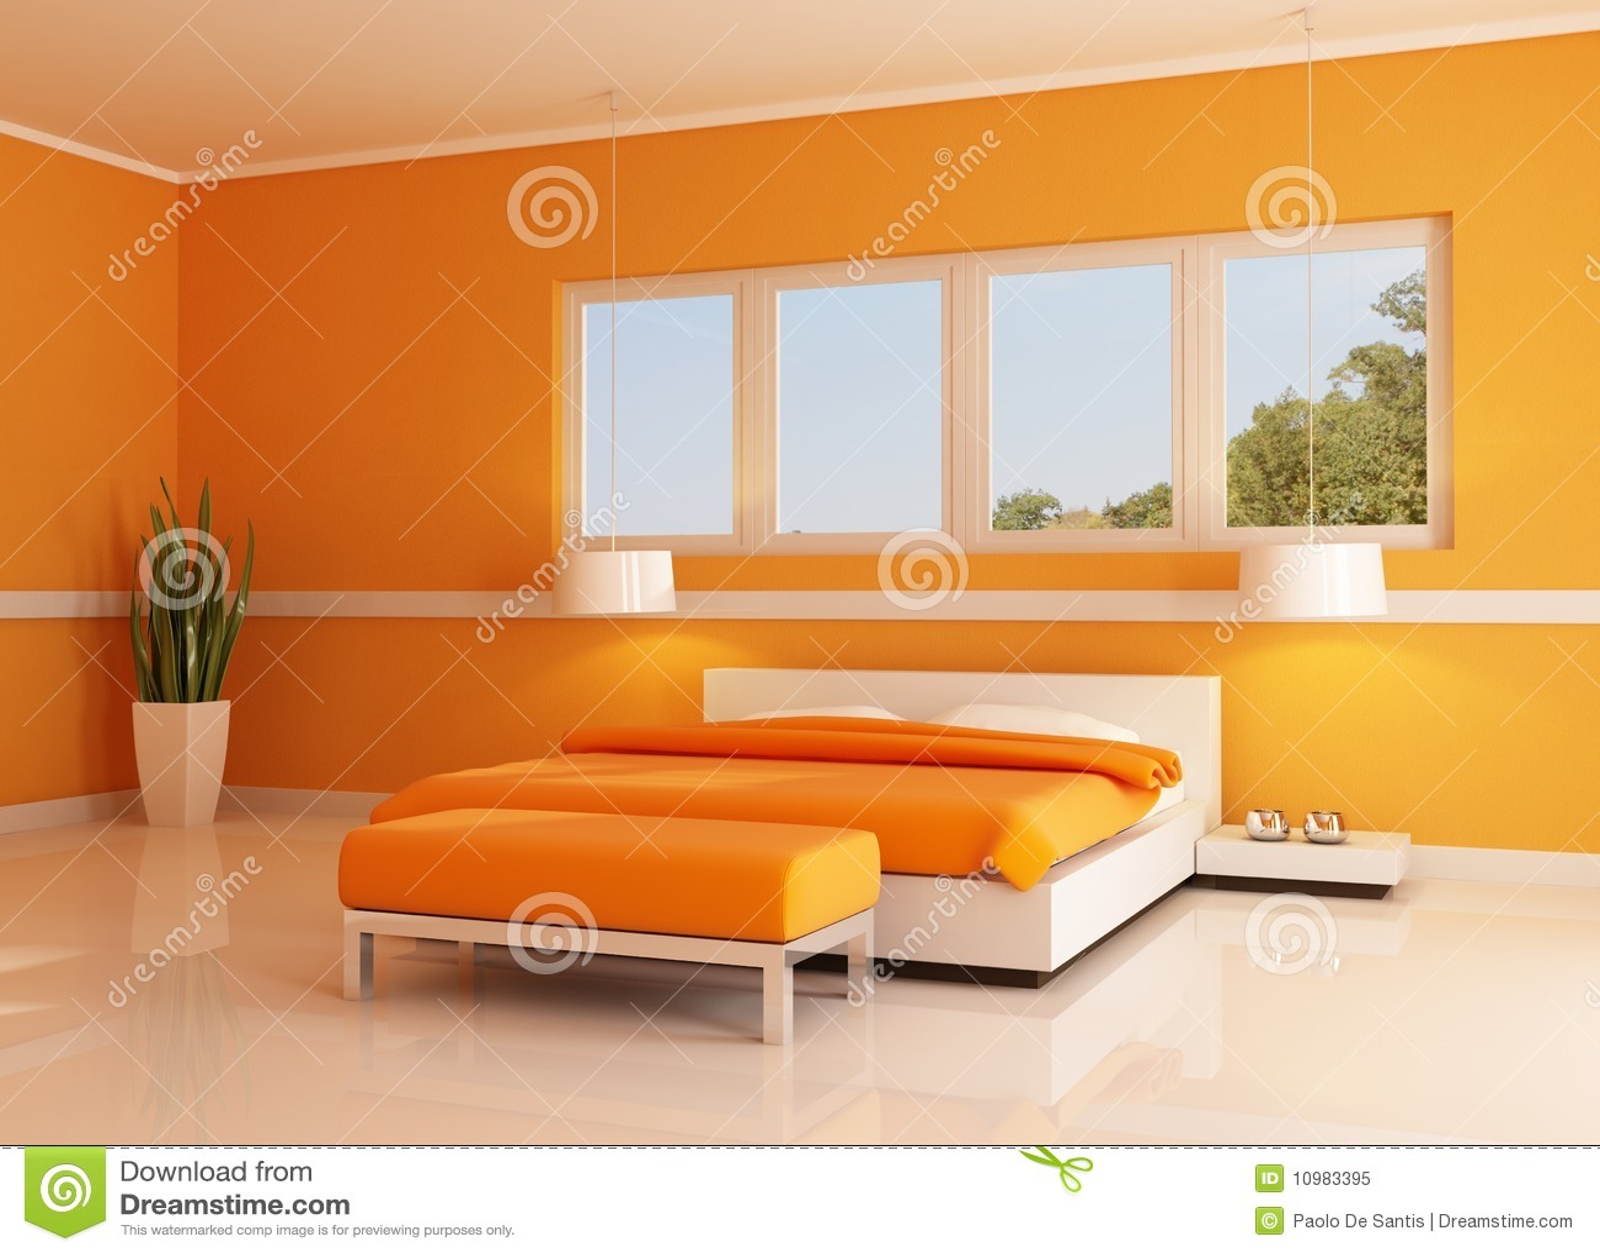 Camera da letto arancione moderna fotografia stock libera for Camera da letto vittoriana buia